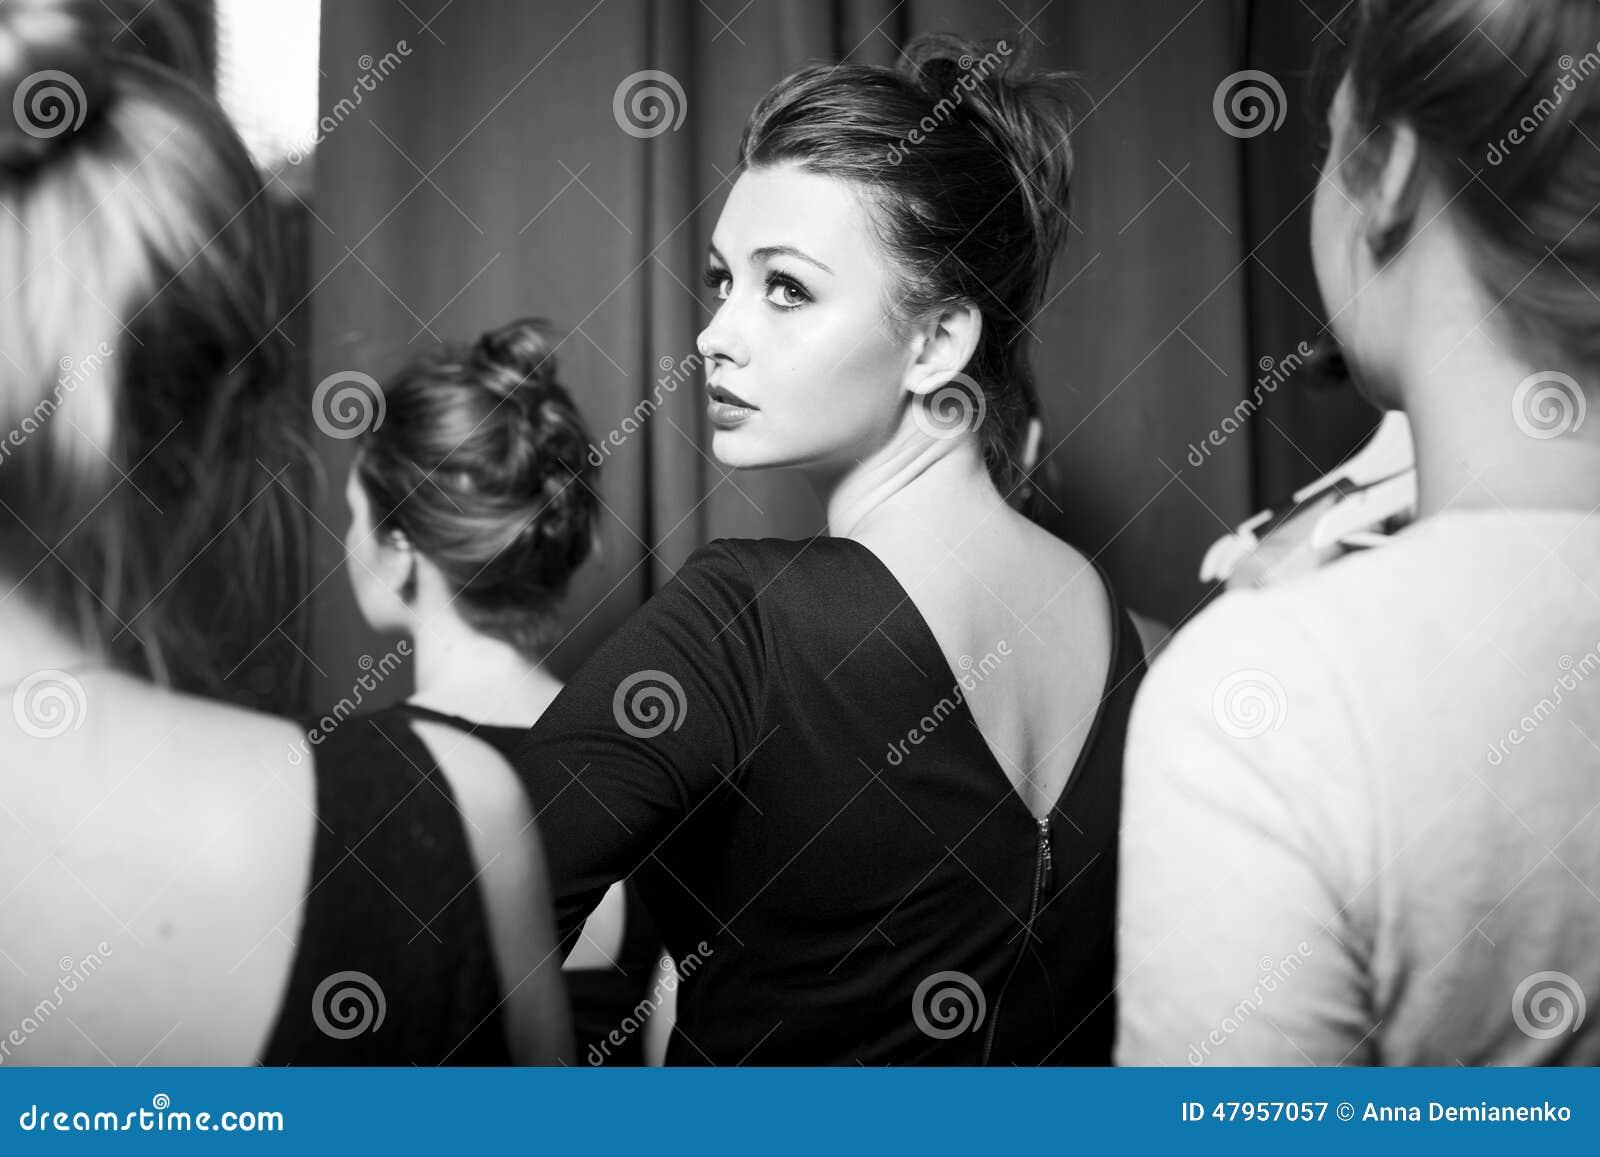 Moda modele przygotowywali dla pasa startowego eleganckim projektantem dziewczyn czarny kryjówki obsługują koszulowego fotografia